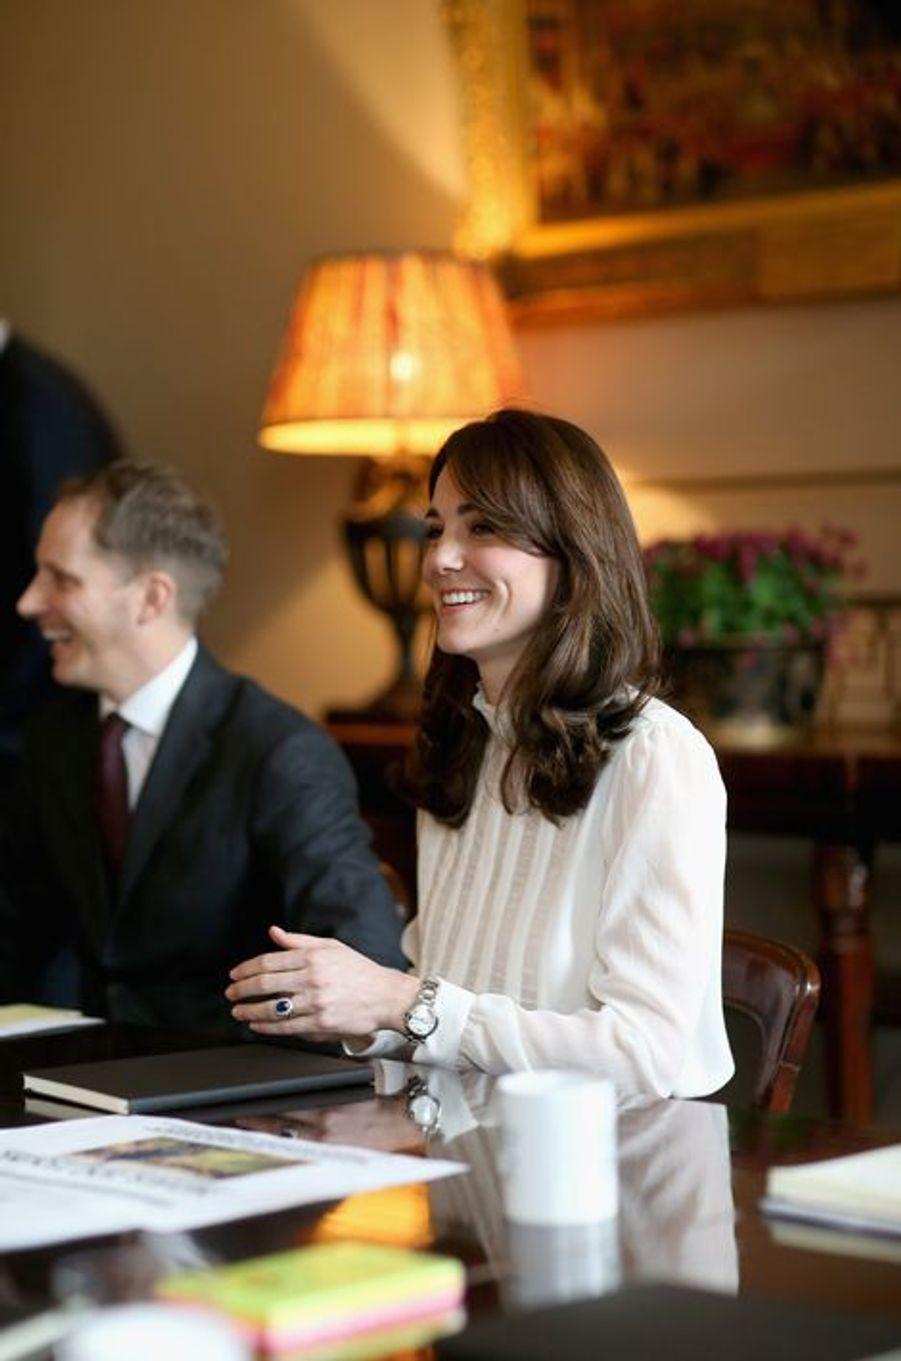 La duchesse Catherine de Cambridge à Kensington Palace à Londres, photo dévoilée le 17 février 2016